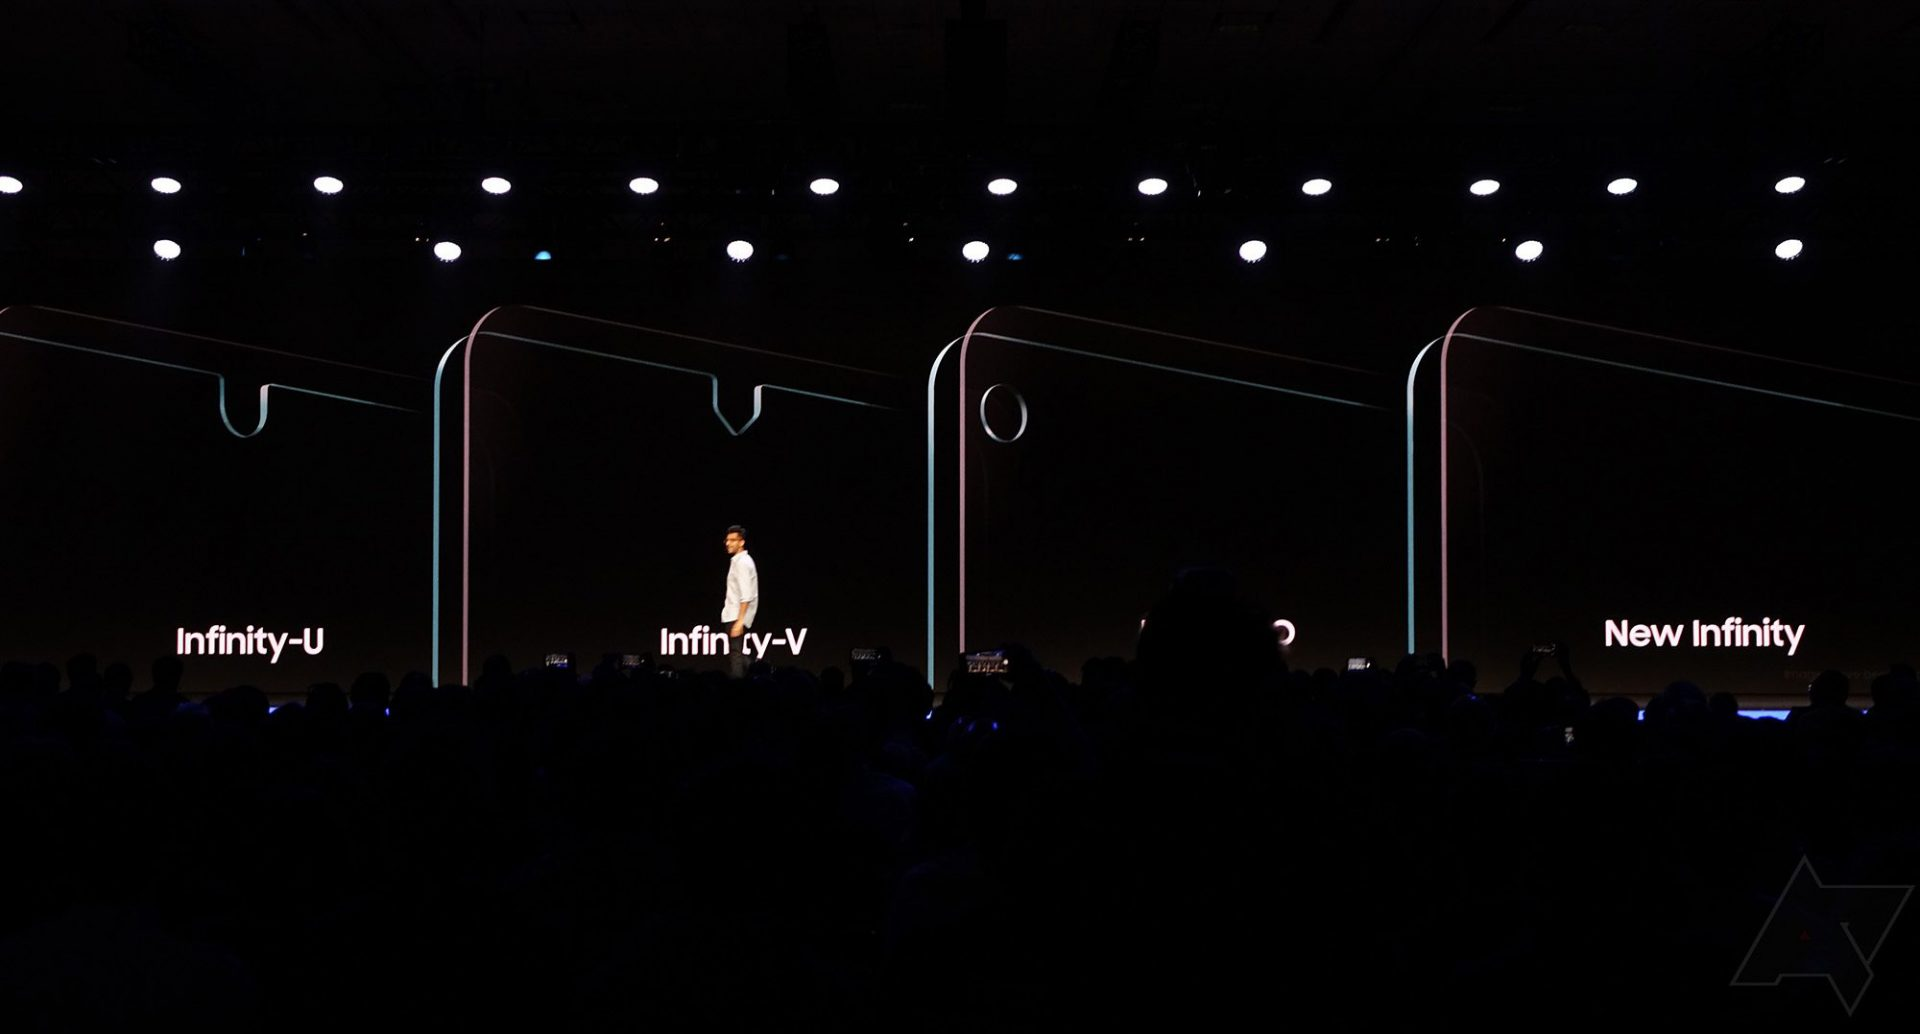 Samsung giới thiệu 4 công nghệ màn hình mới: nốt ruồi, giọt nước và tràn viền 100%